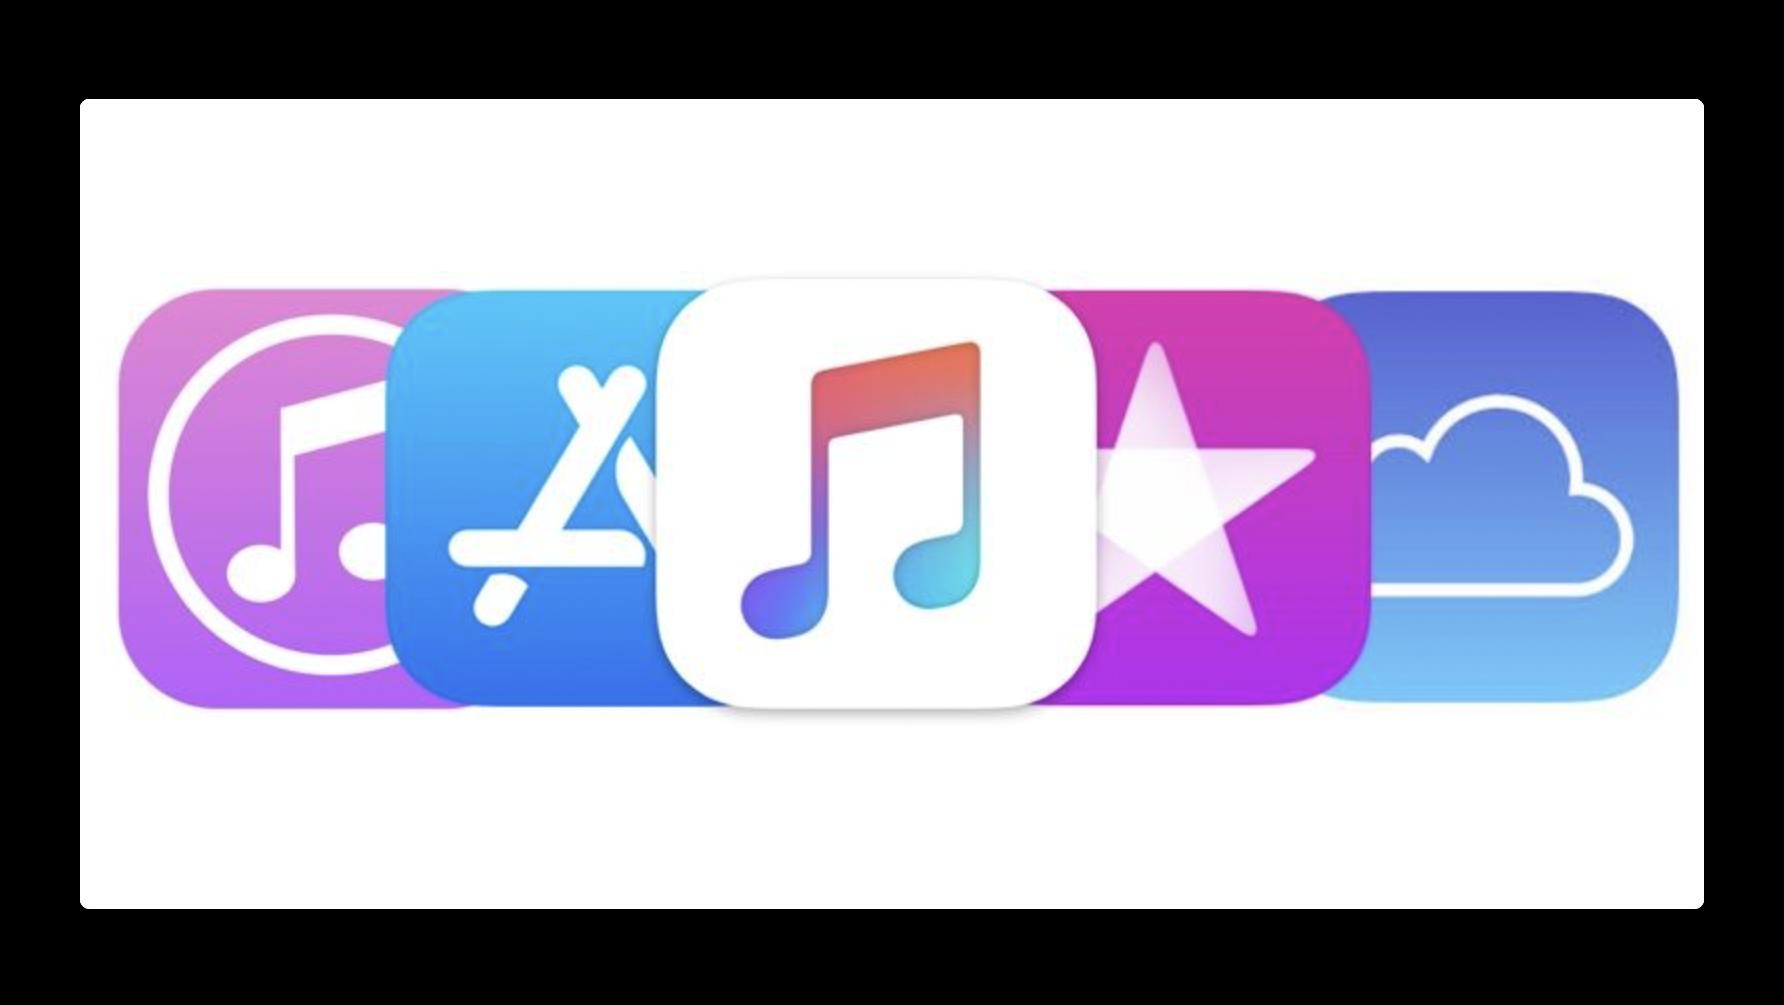 アムネスティ・インターナショナル、Appleが中国のiCloudユーザーを裏切ったと批判